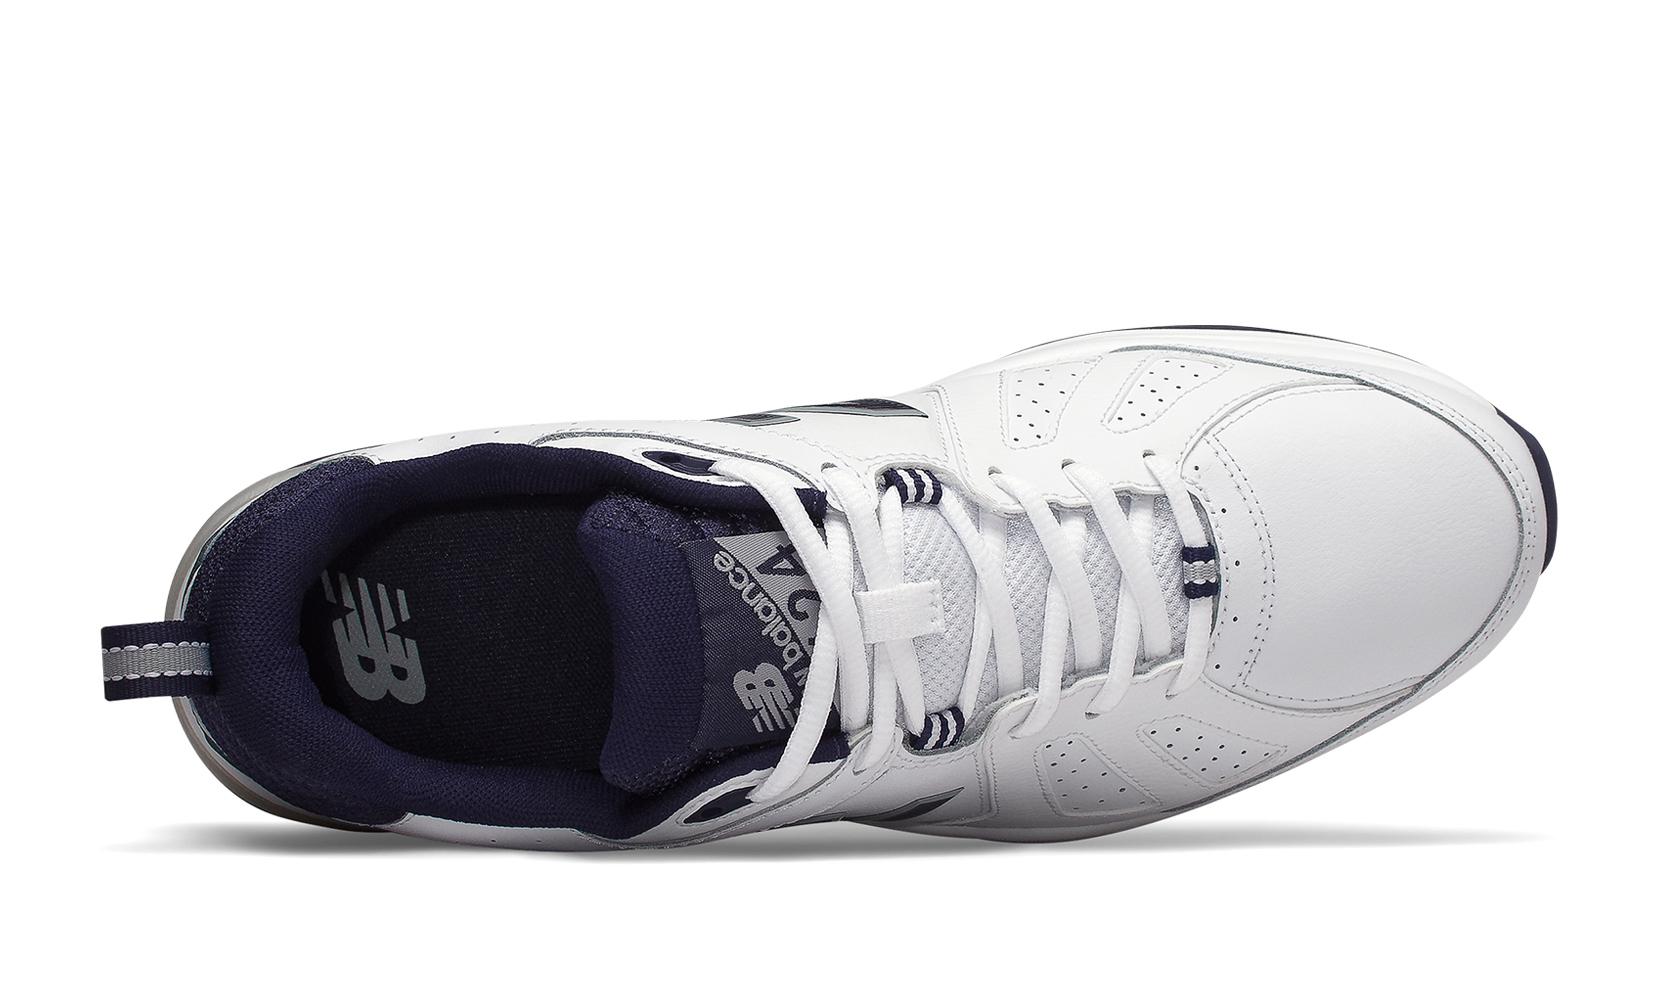 Чоловіче взуття повсякденне New Balance 624v5 MX624WN5 | New Balance